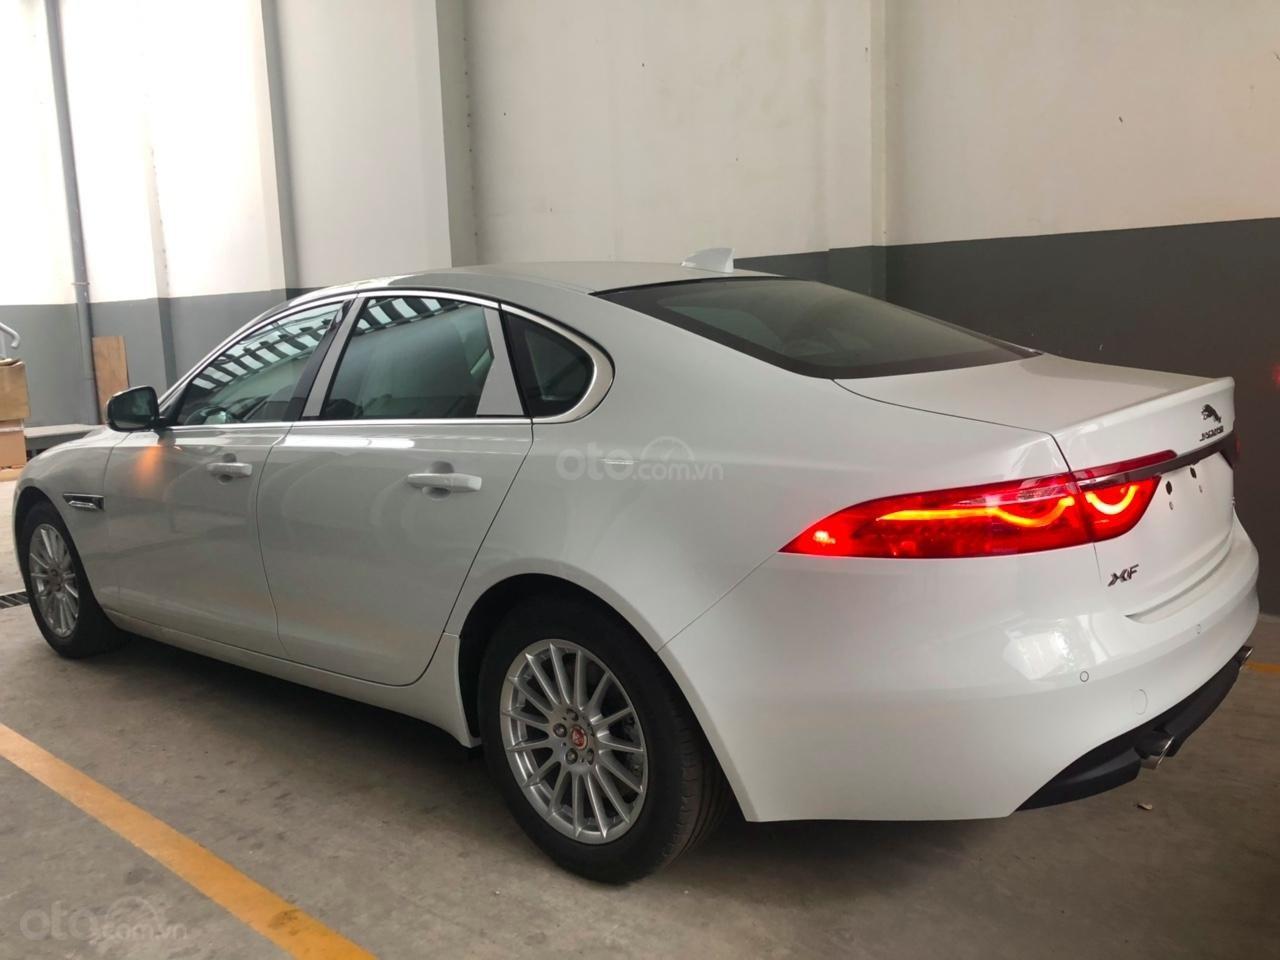 093 22222 53 - Bán giá xe Jaguar XF Prestige sản xuất 2018 - 2019 màu trắng, màu đỏ, đen giao xe ngay-2